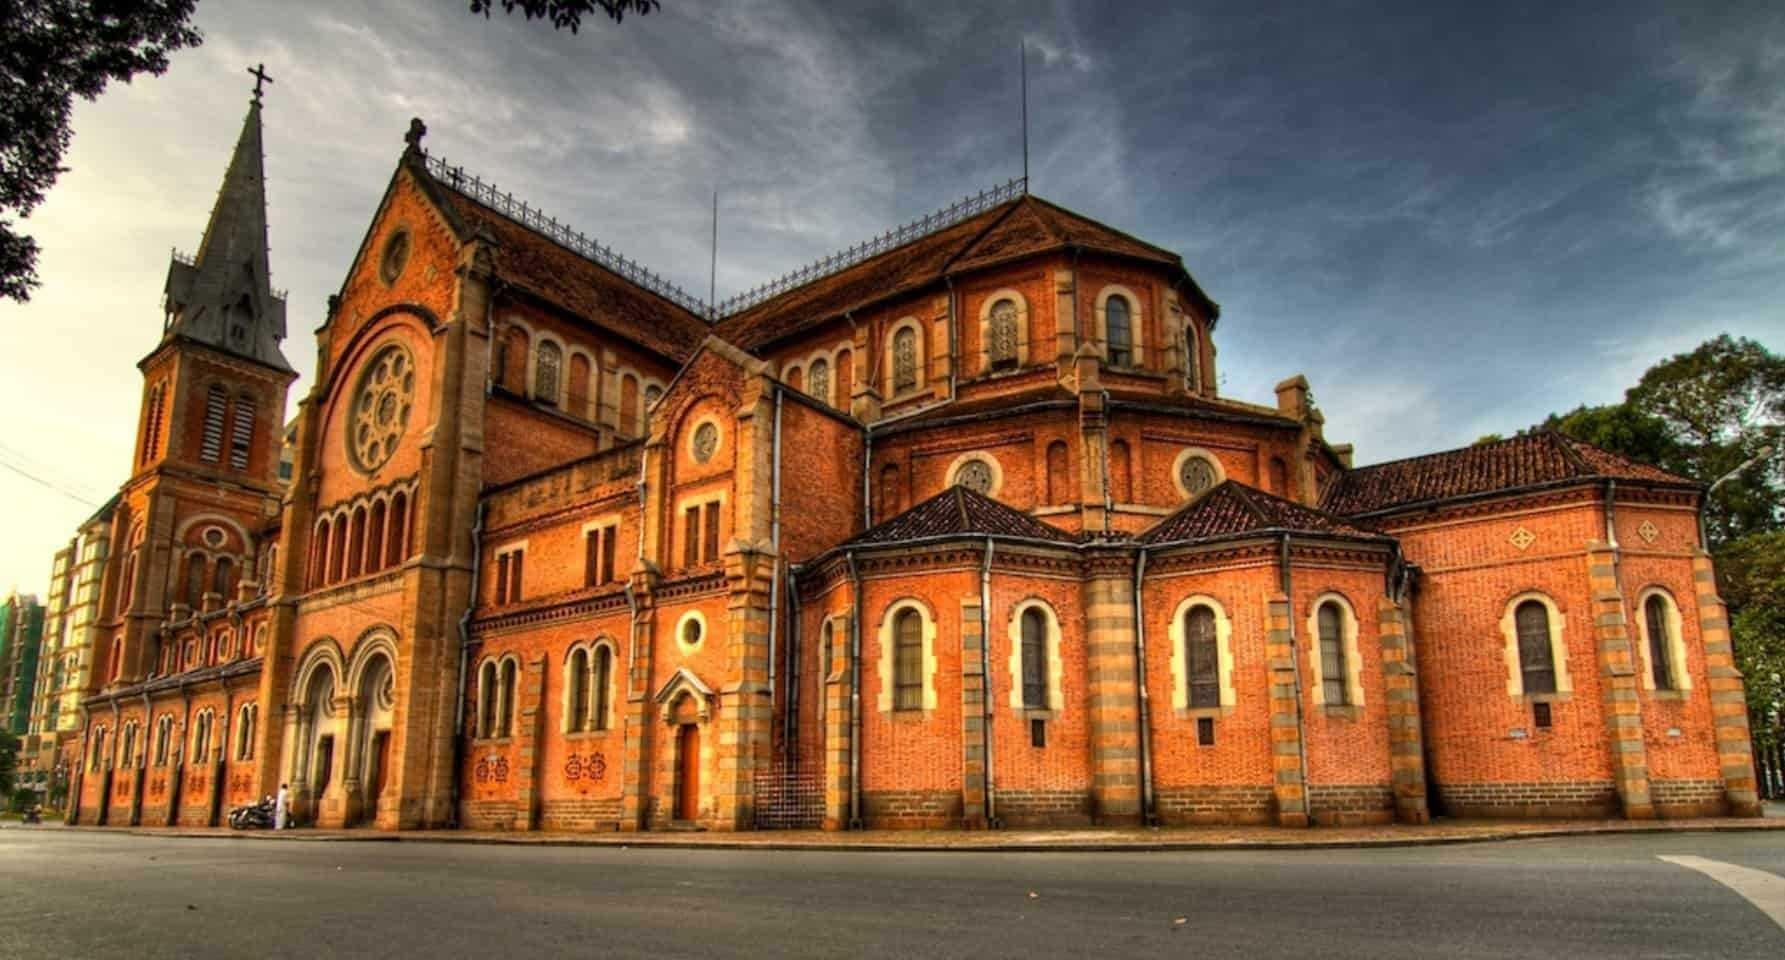 Kiến trúc đặc trưng của Nhà thờ Đức Bà